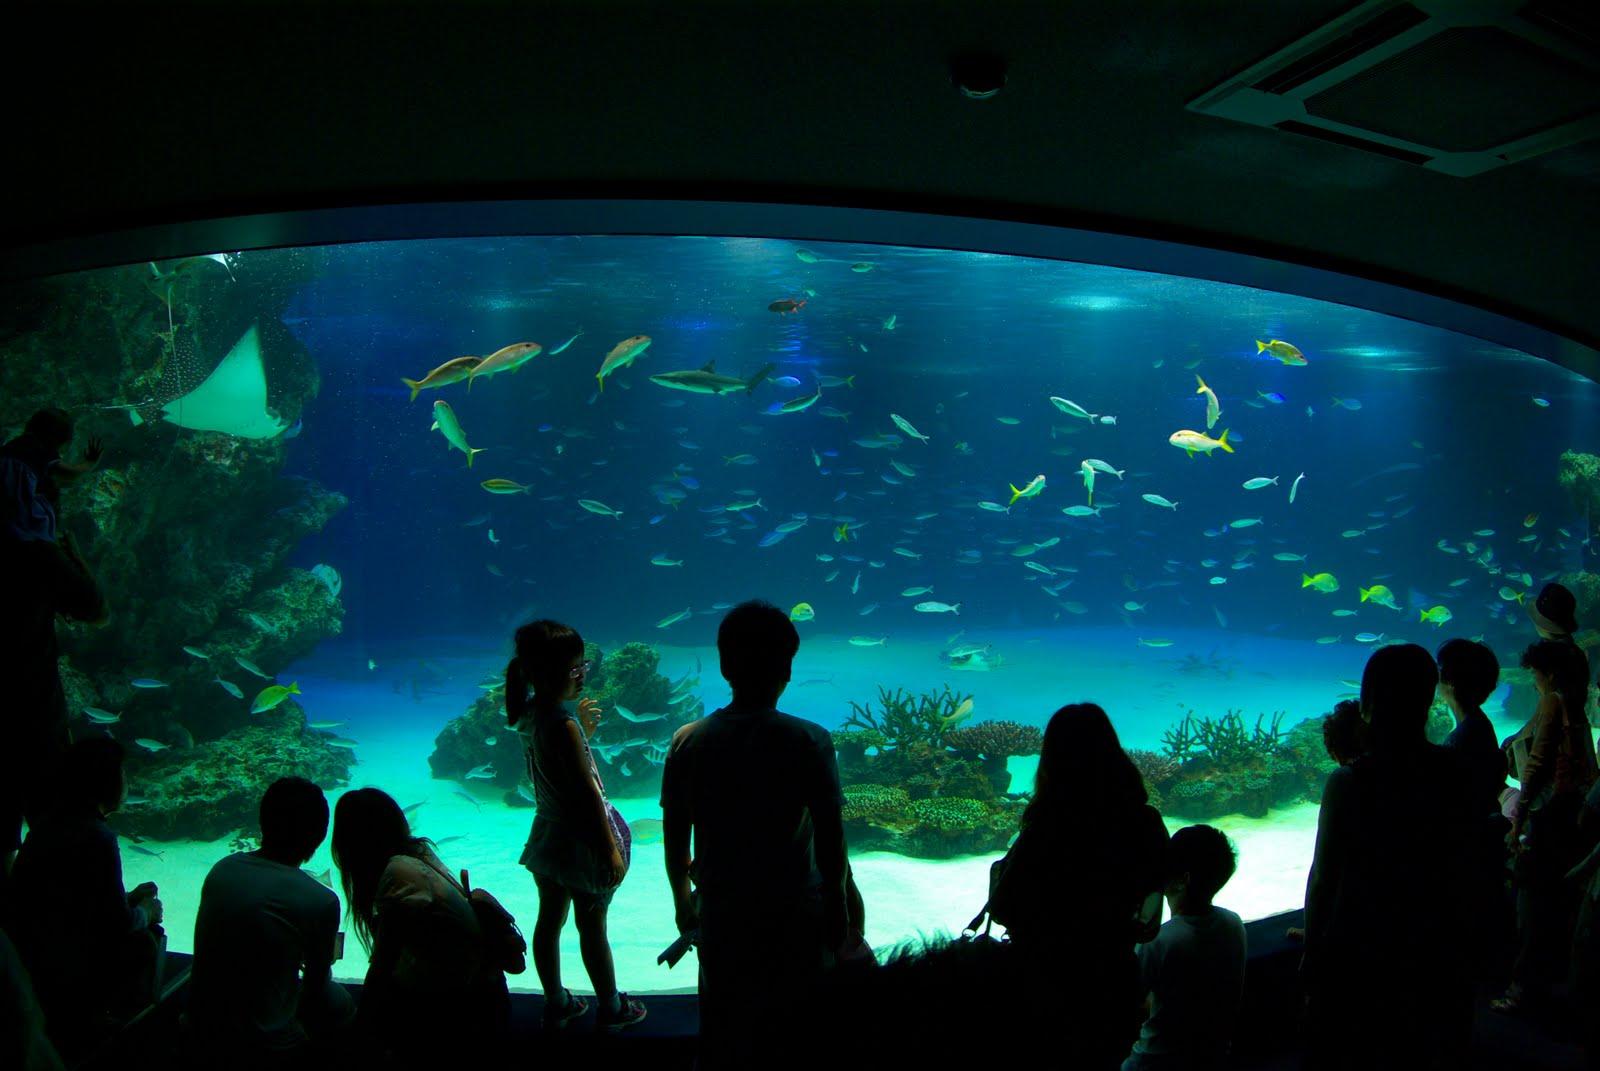 今日、発見したこと: 池袋サンシャイン水族館 今日、発見したこと 日常...   今日、発見した